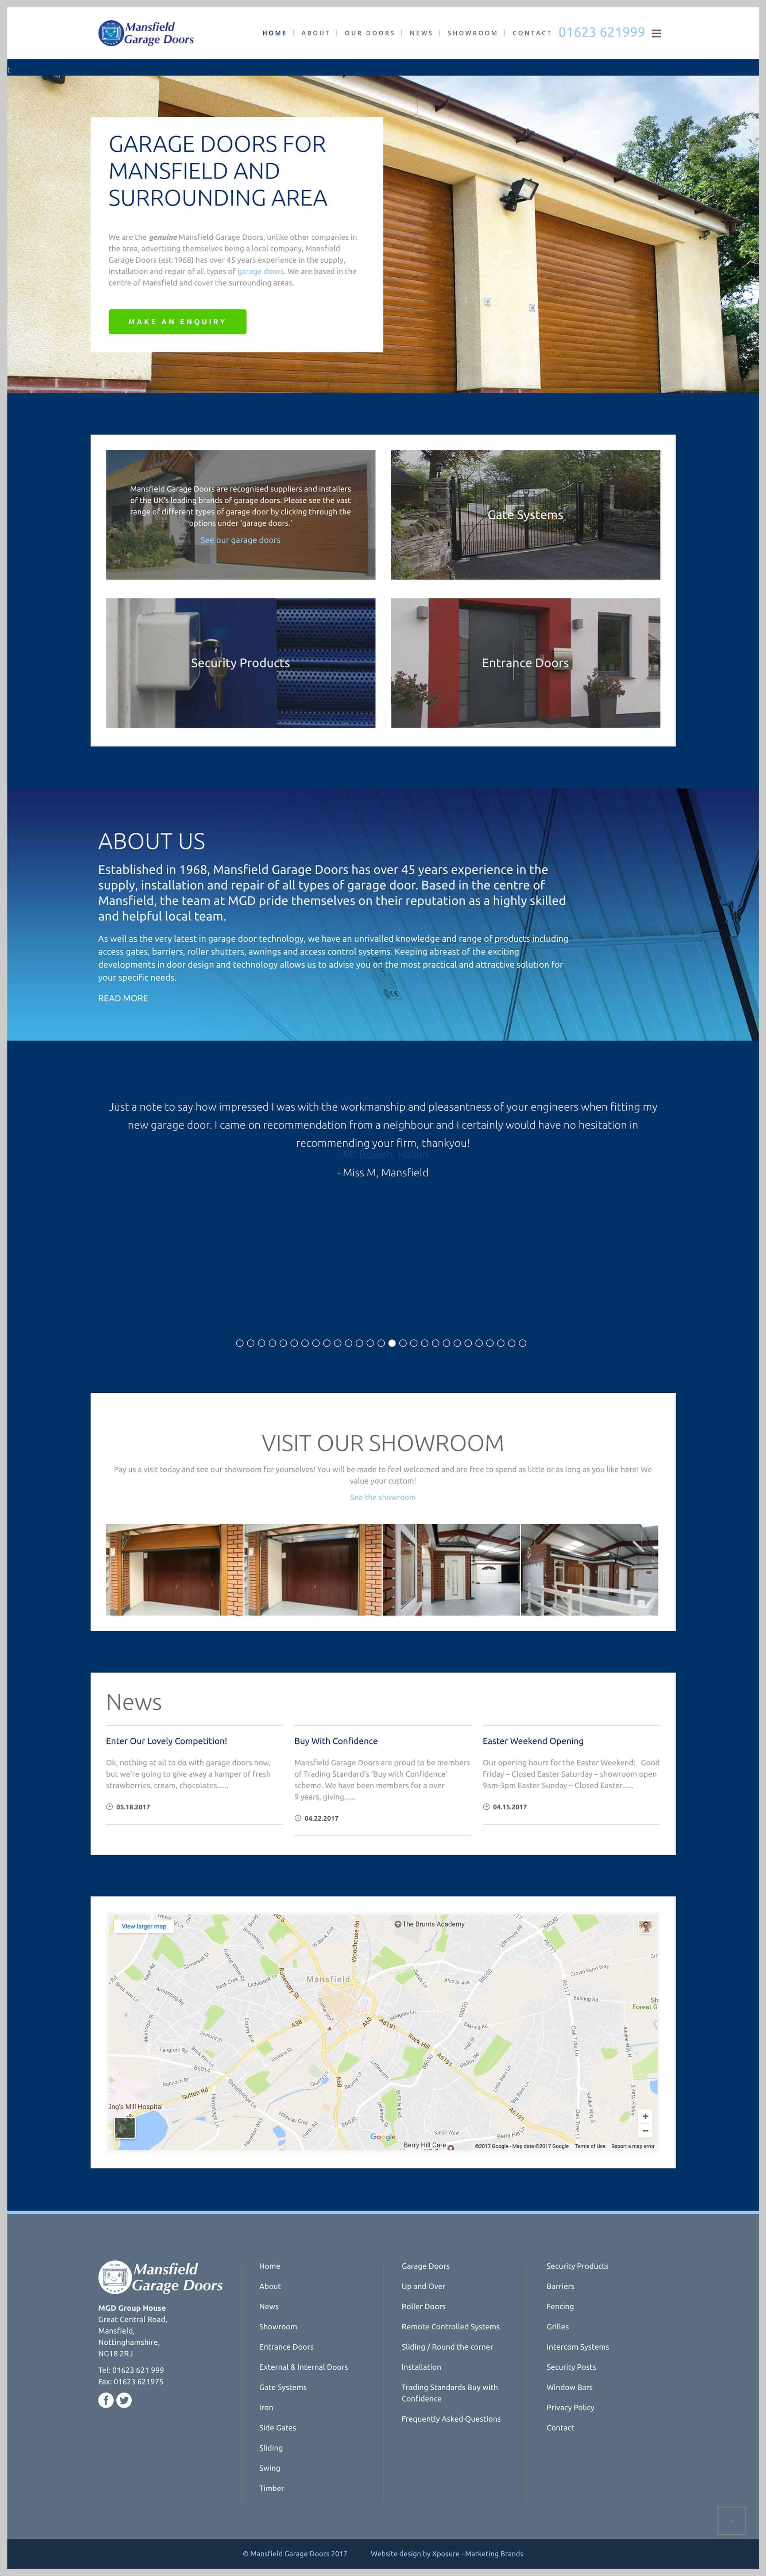 Website homepage design for mansfield garage doors